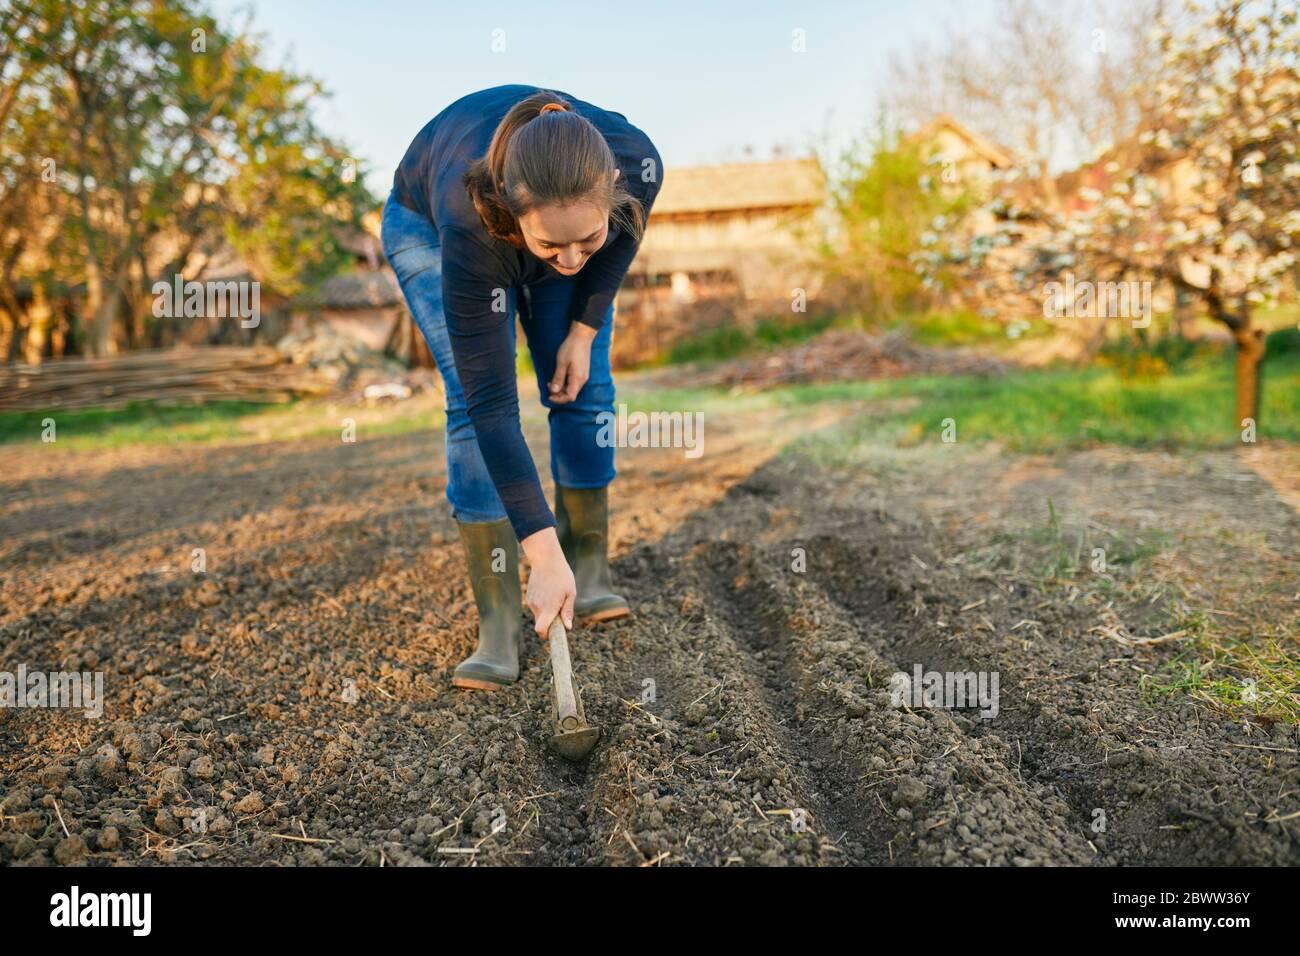 Volle Länge der Frau mit Hand Pflug auf dem Boden während der Gartenarbeit am Wochenende Stockfoto